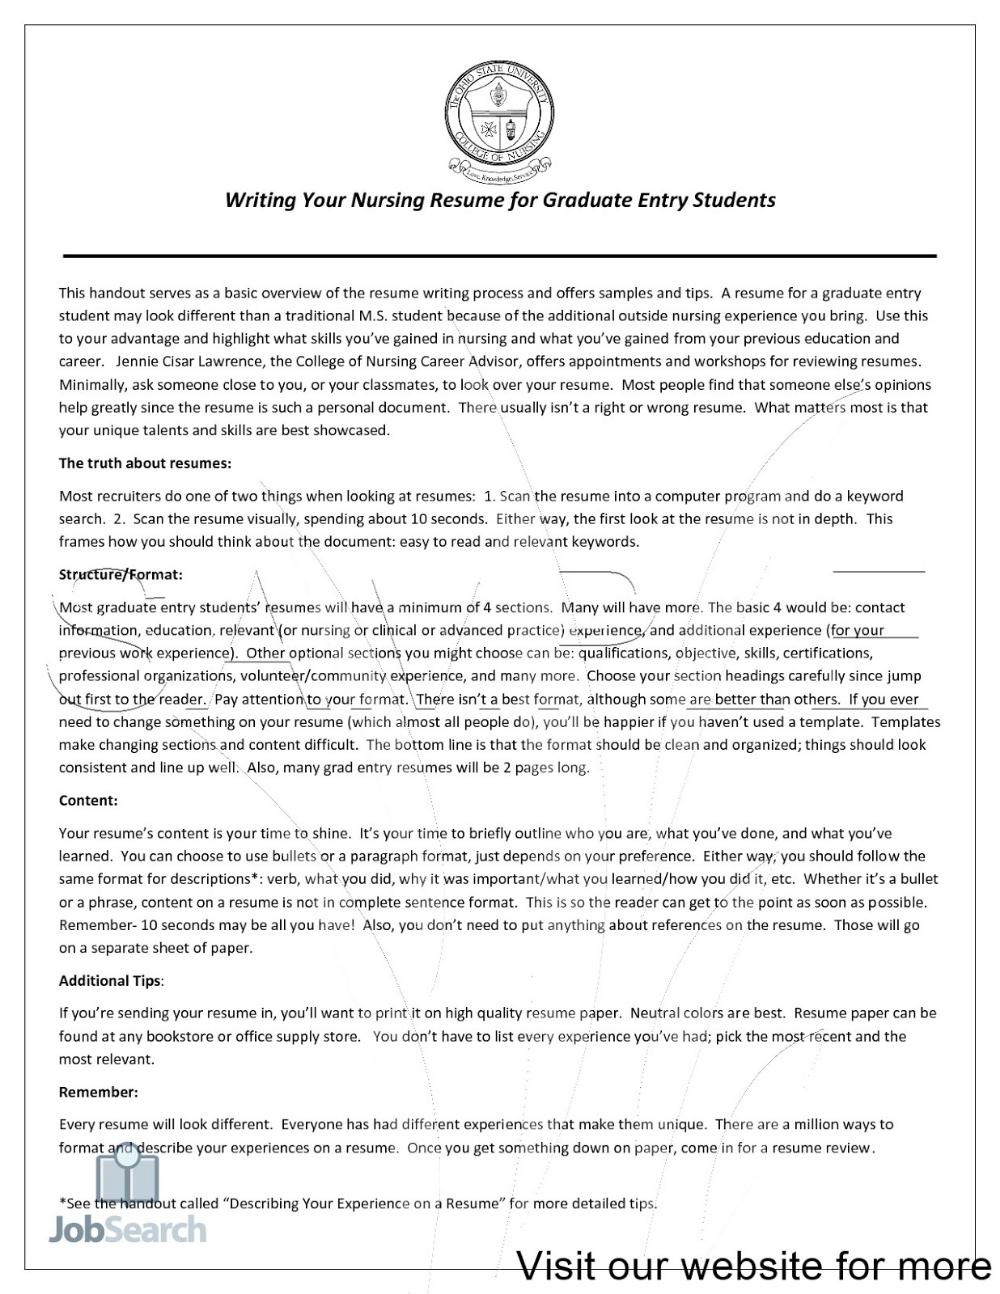 Nurse Resume Writing Services 2020 Nurse Resume Writing